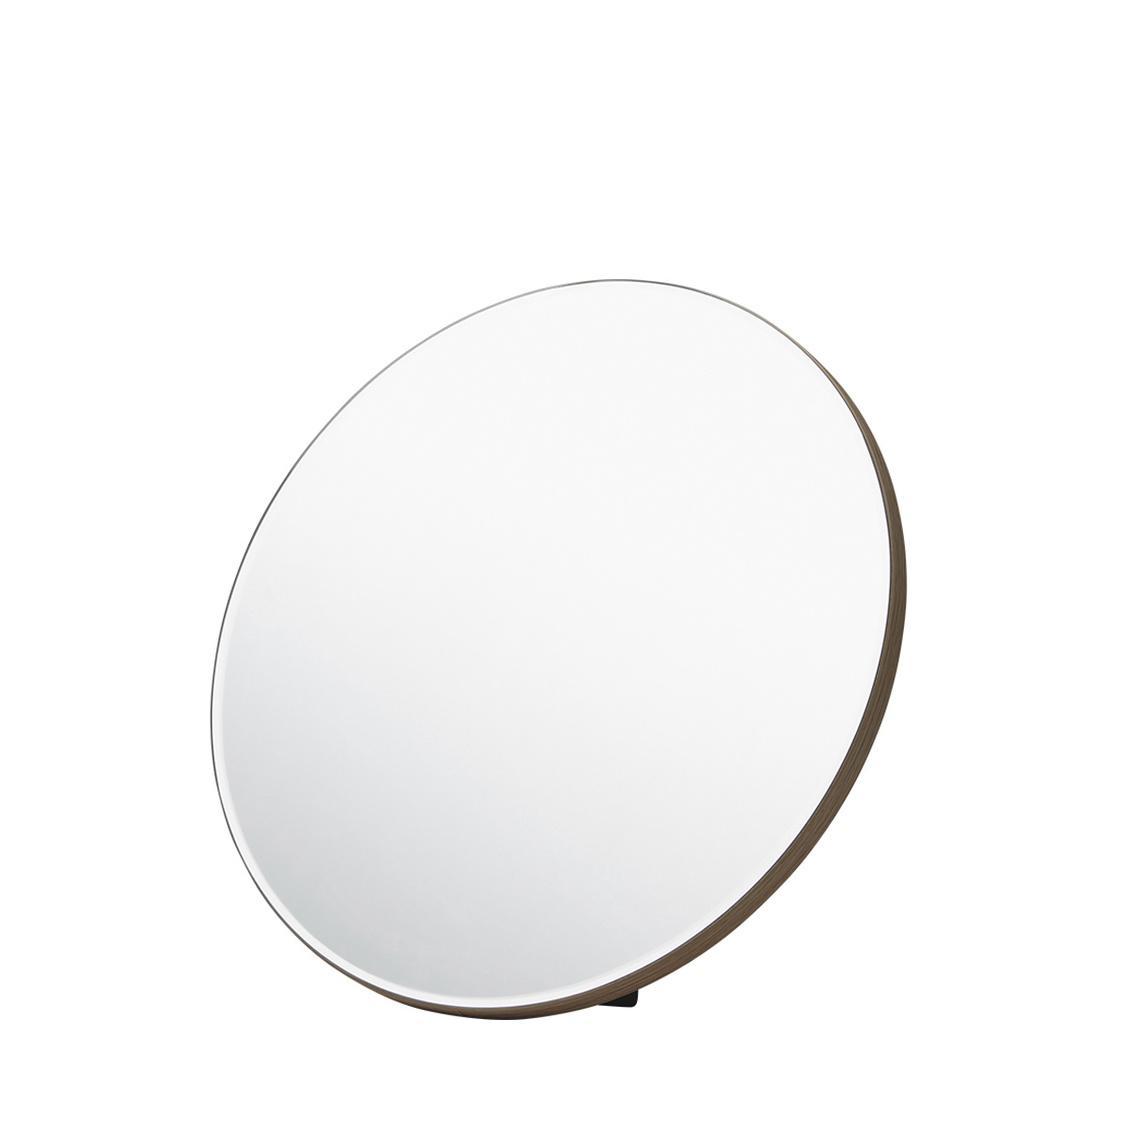 Iloom  Glen Studio Round Wooden Mirror Hspa104-Ncc